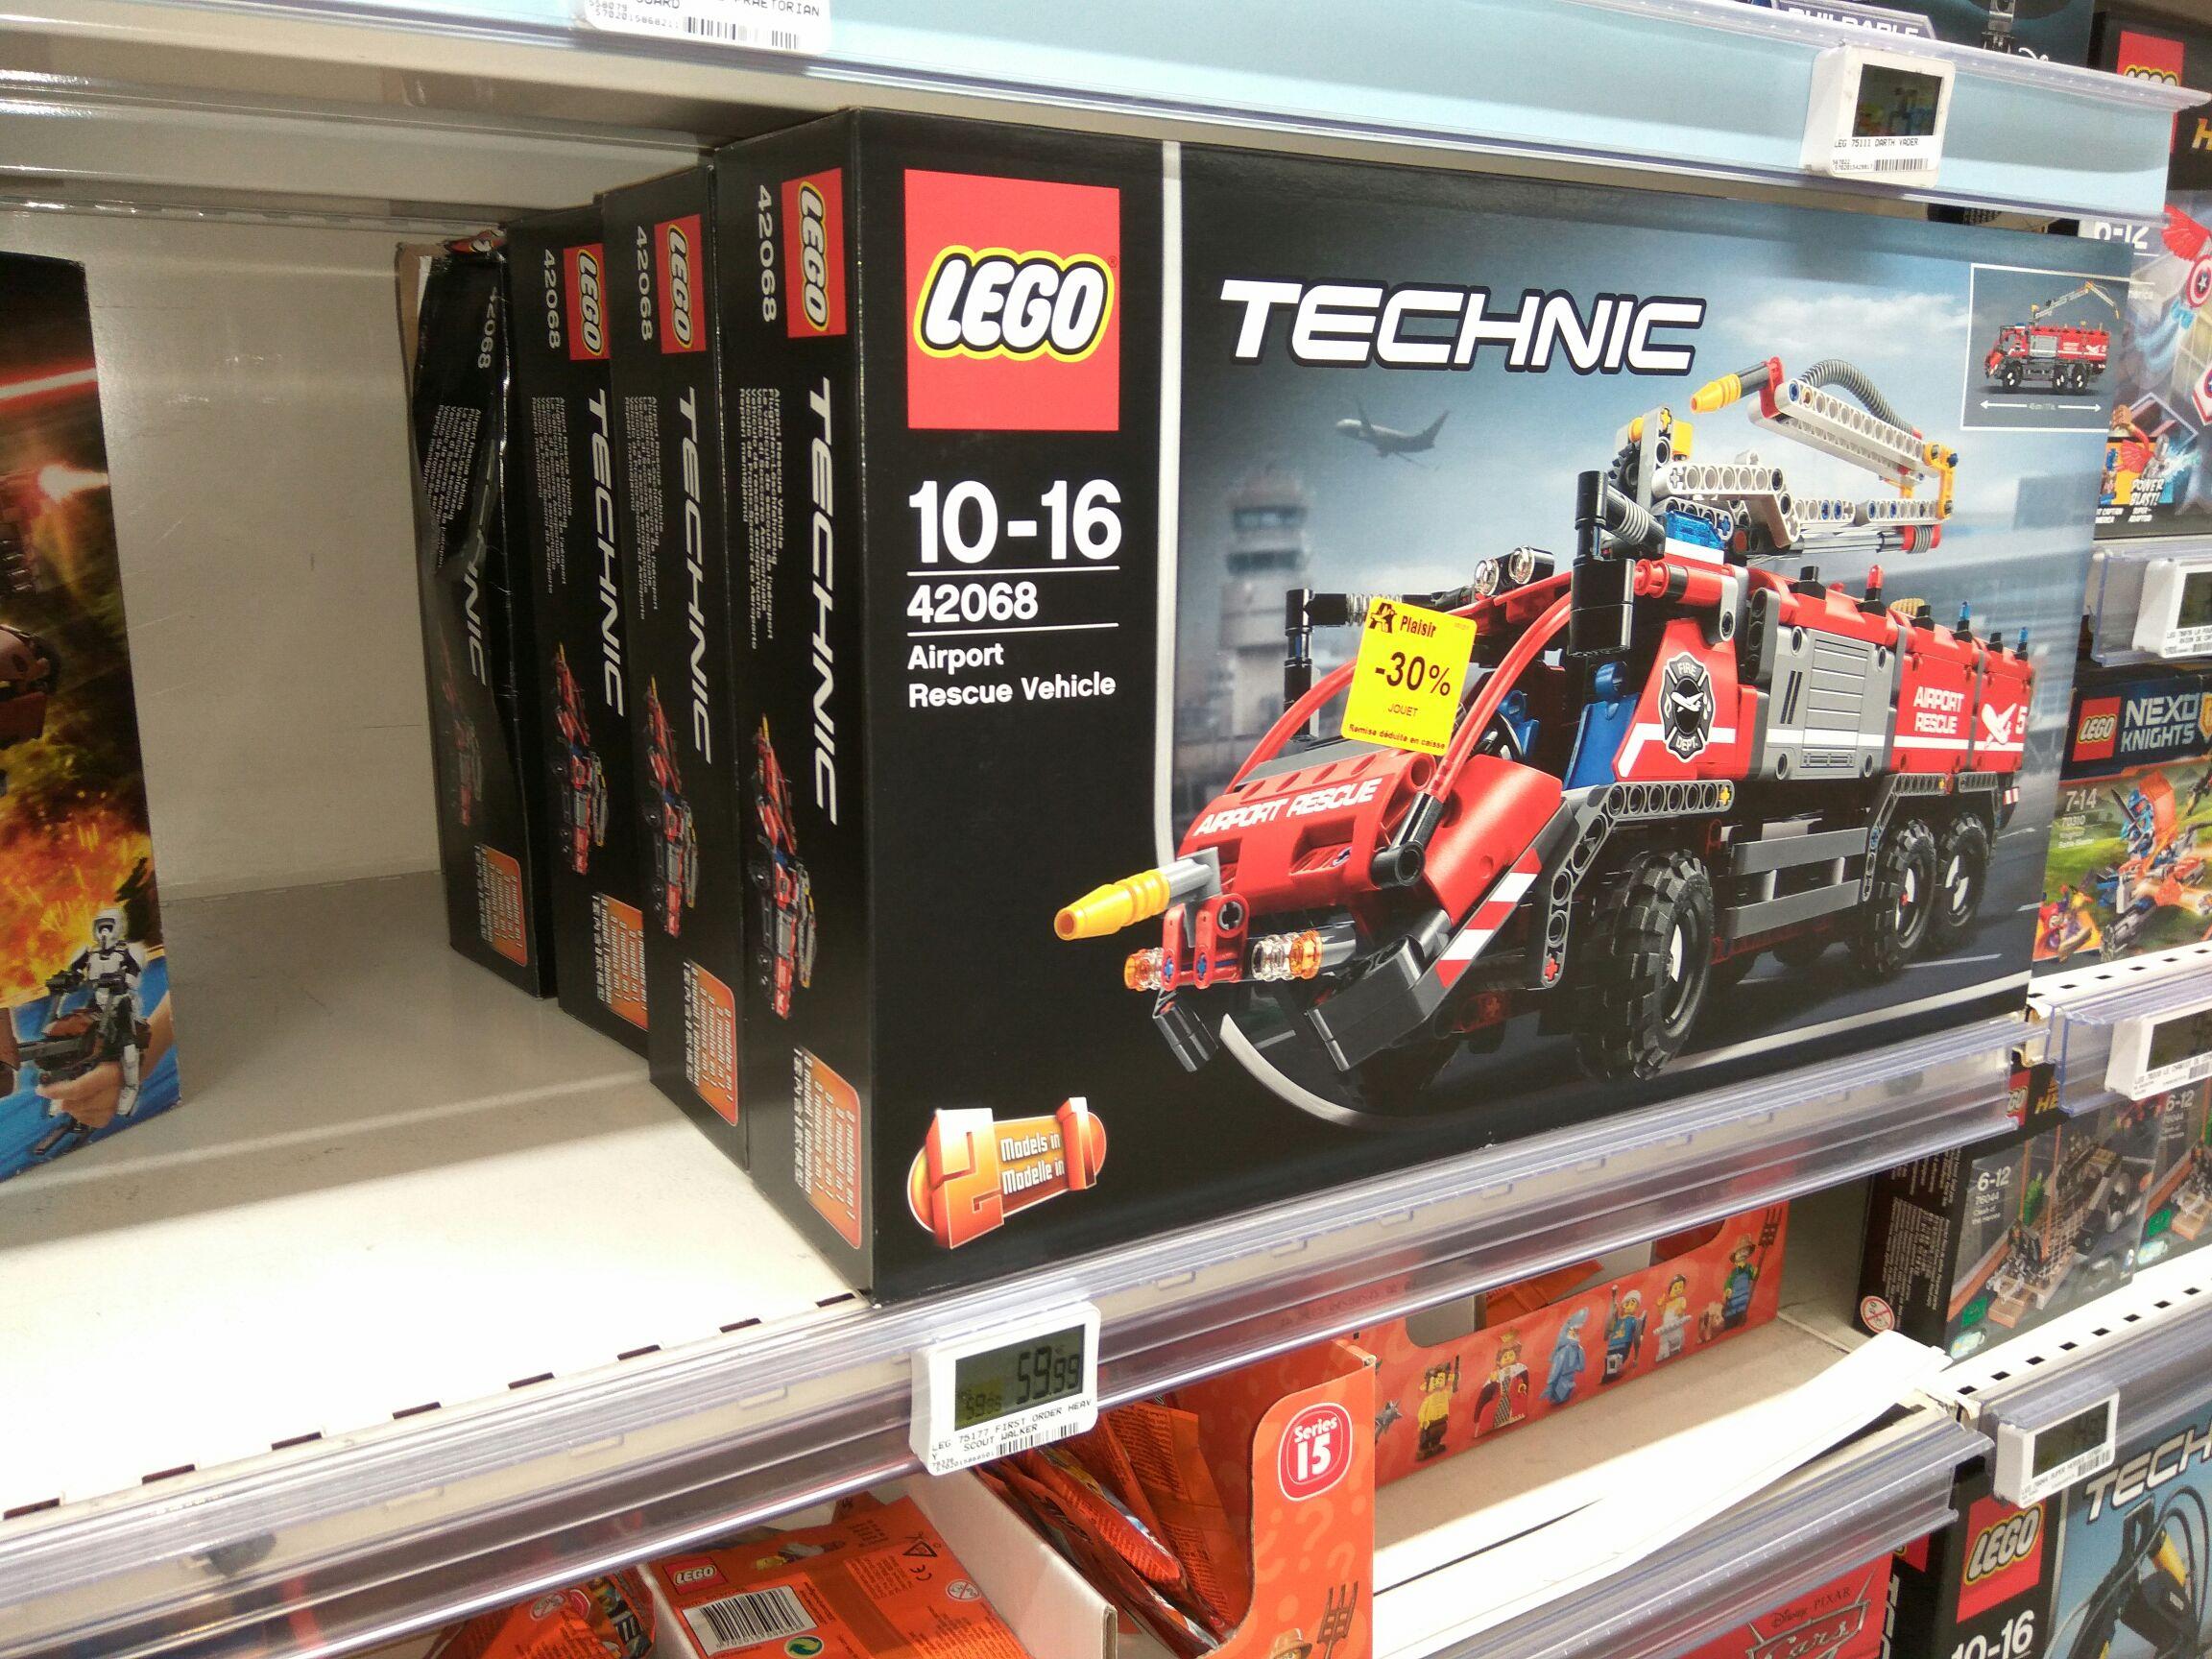 Jouet Lego Technic Le Véhicule de Secours de l'Aéroport n°42068 - Plaisir (78)